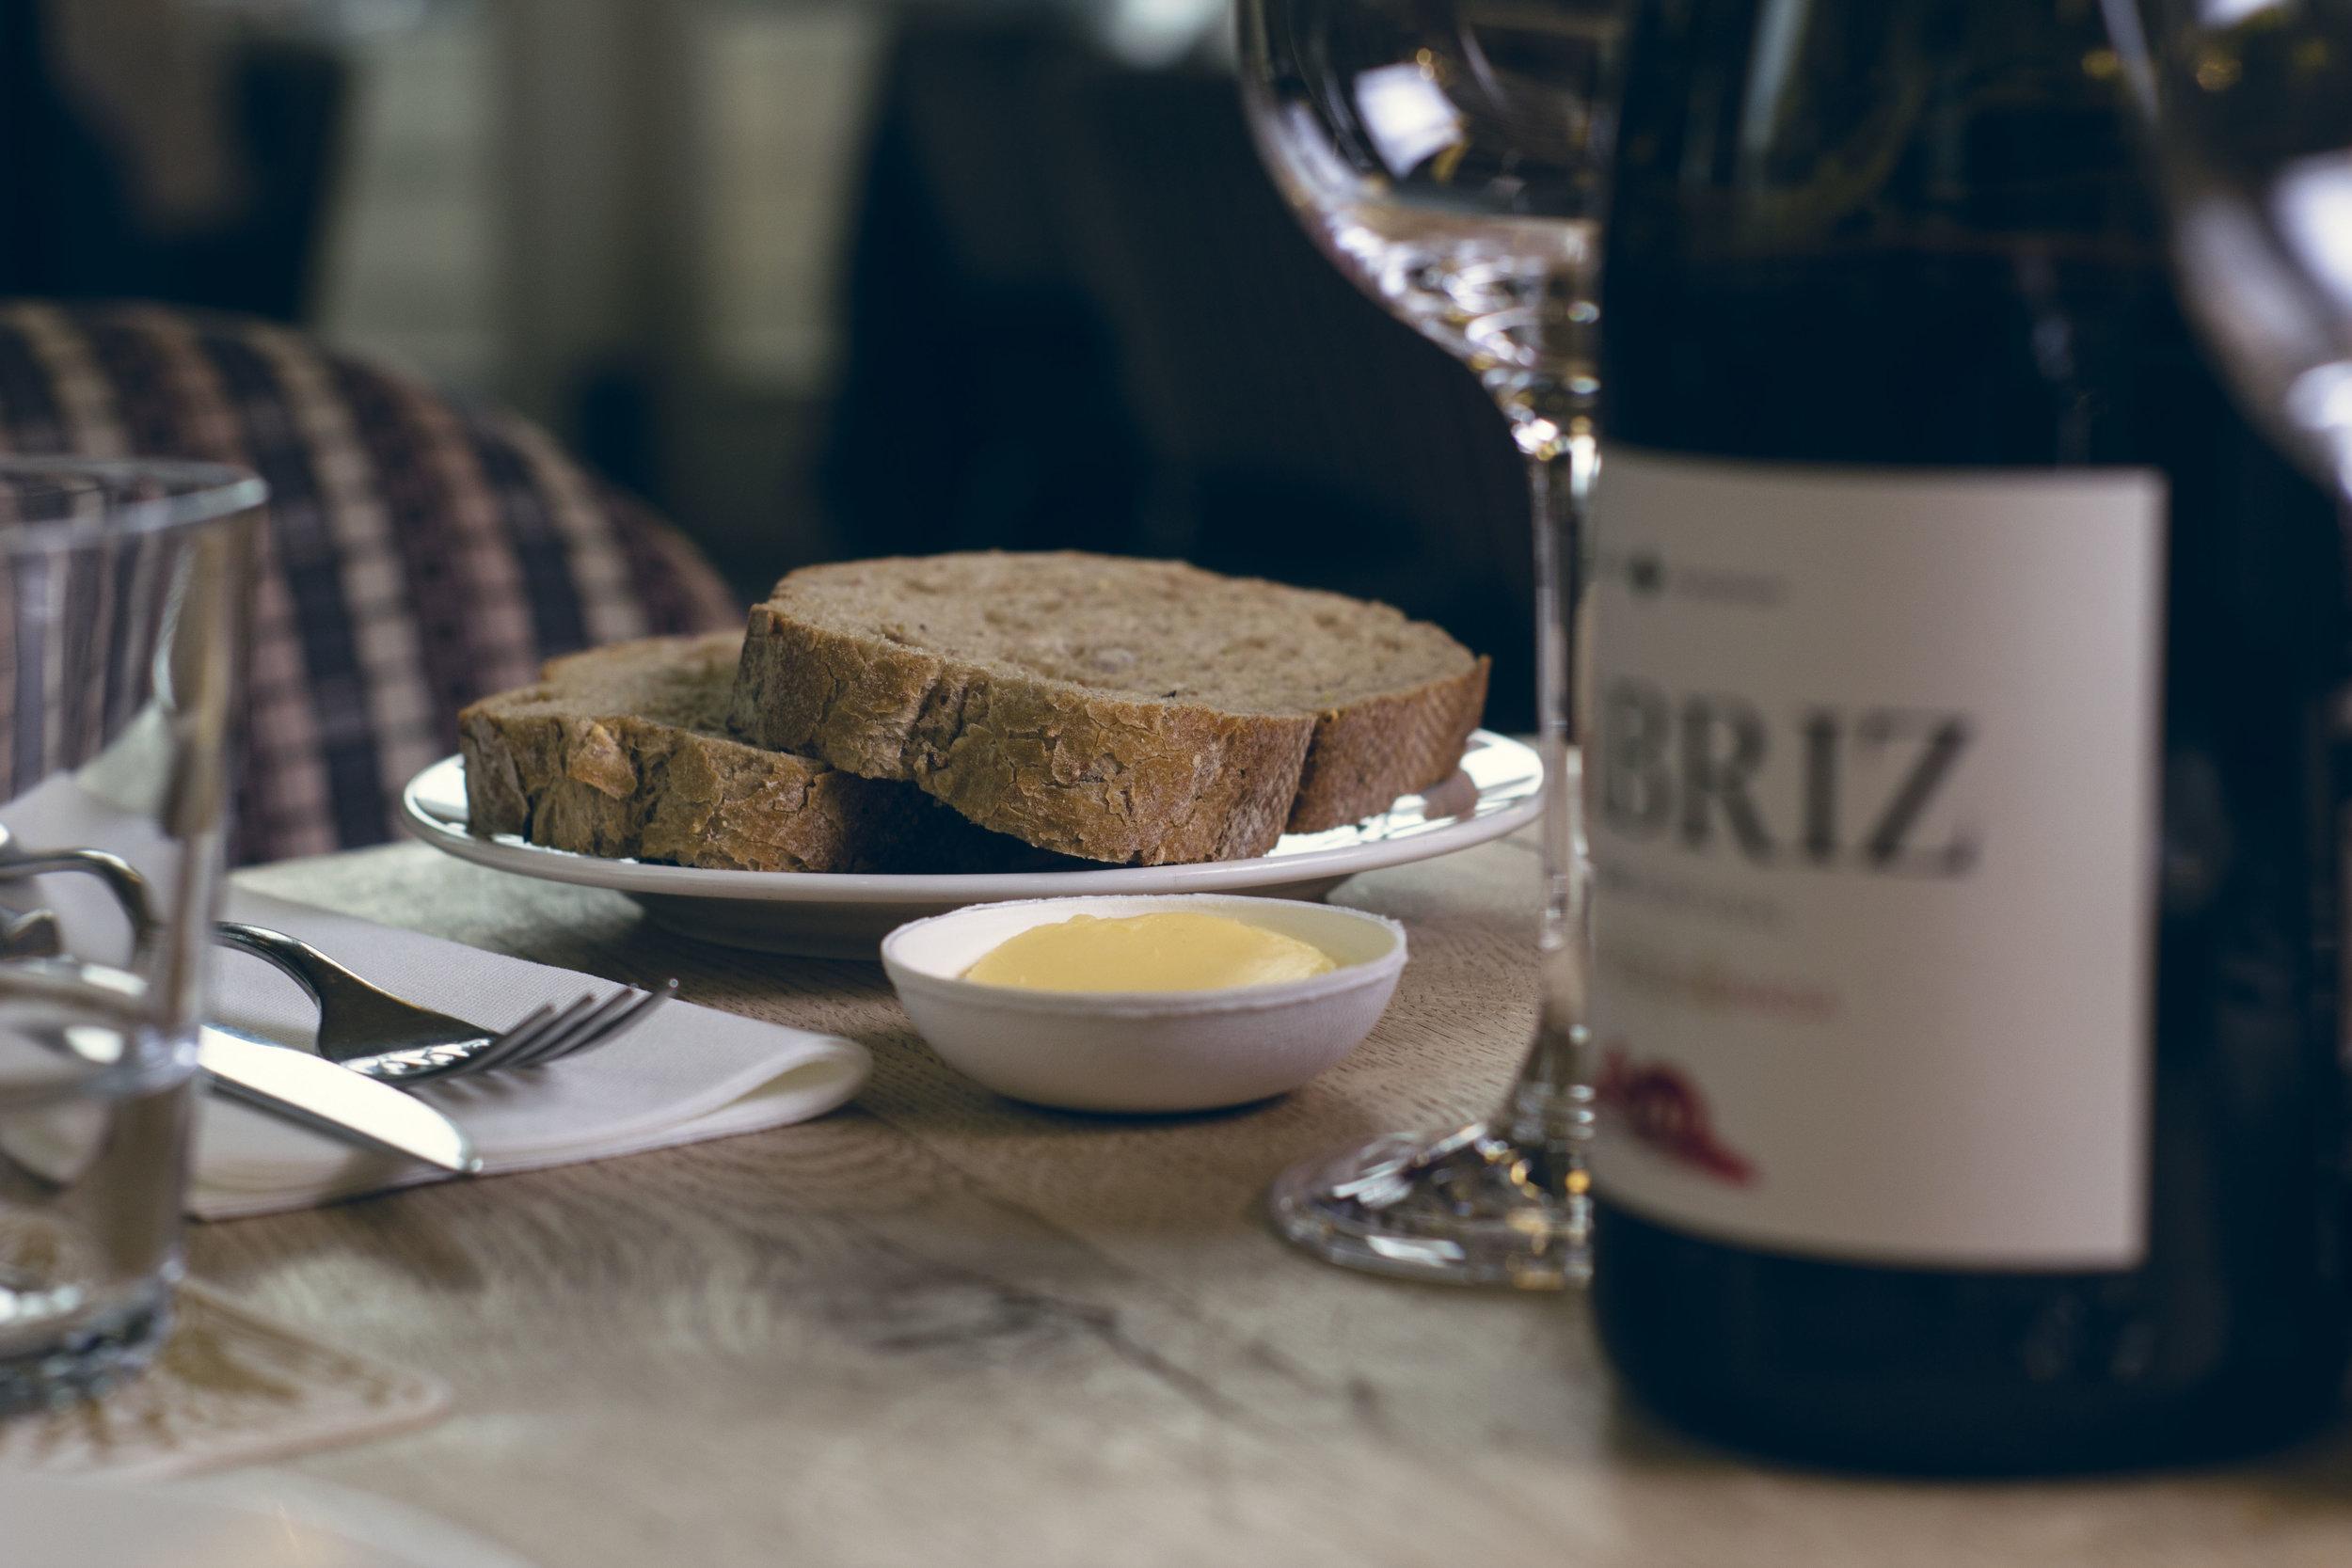 Dineren in de Graancirkel - Schuif jij vanavond aan in de Graancirkel? Dan ontvang je van ons een gratis broodplankje!